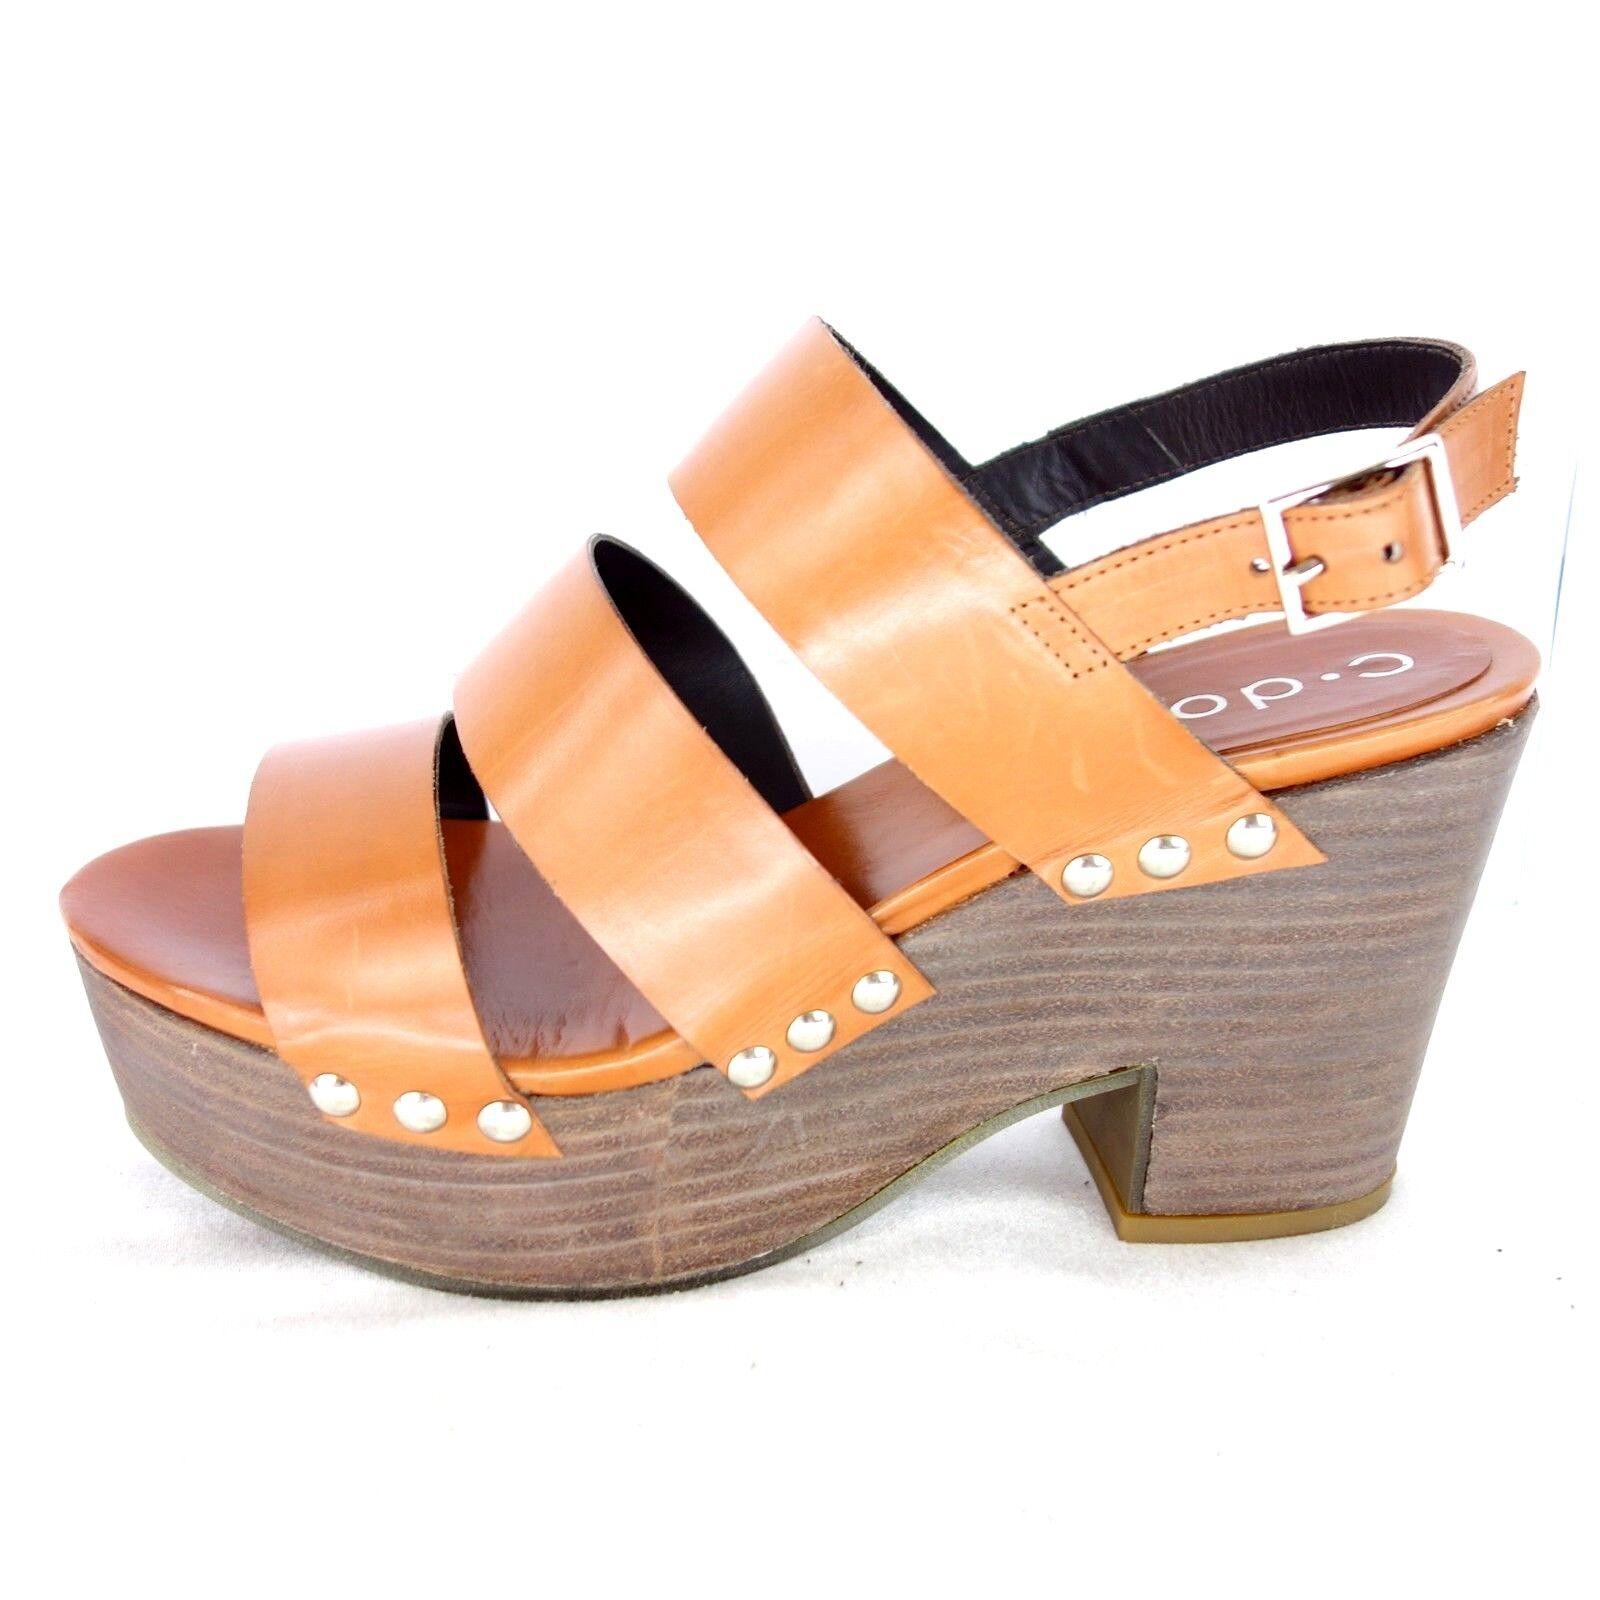 C Doux Mujer Sandalias Nina 50 37 38 marrón 41 Zapatos Cuero Np 229 Nuevo